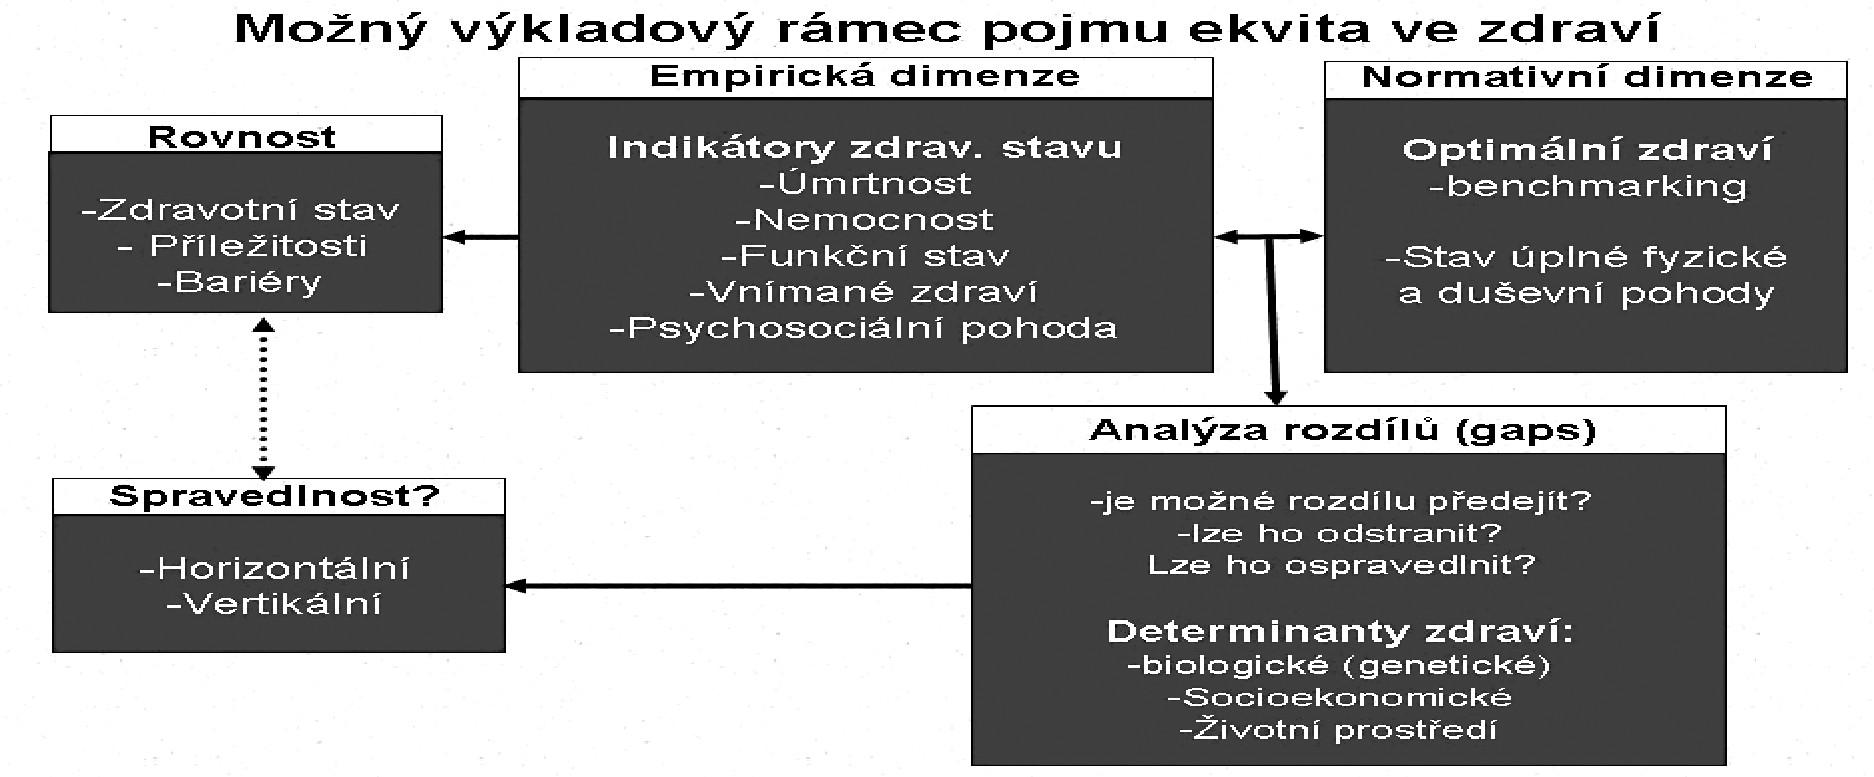 Schéma 1. Konceptuální rámec ekvity ve zdraví